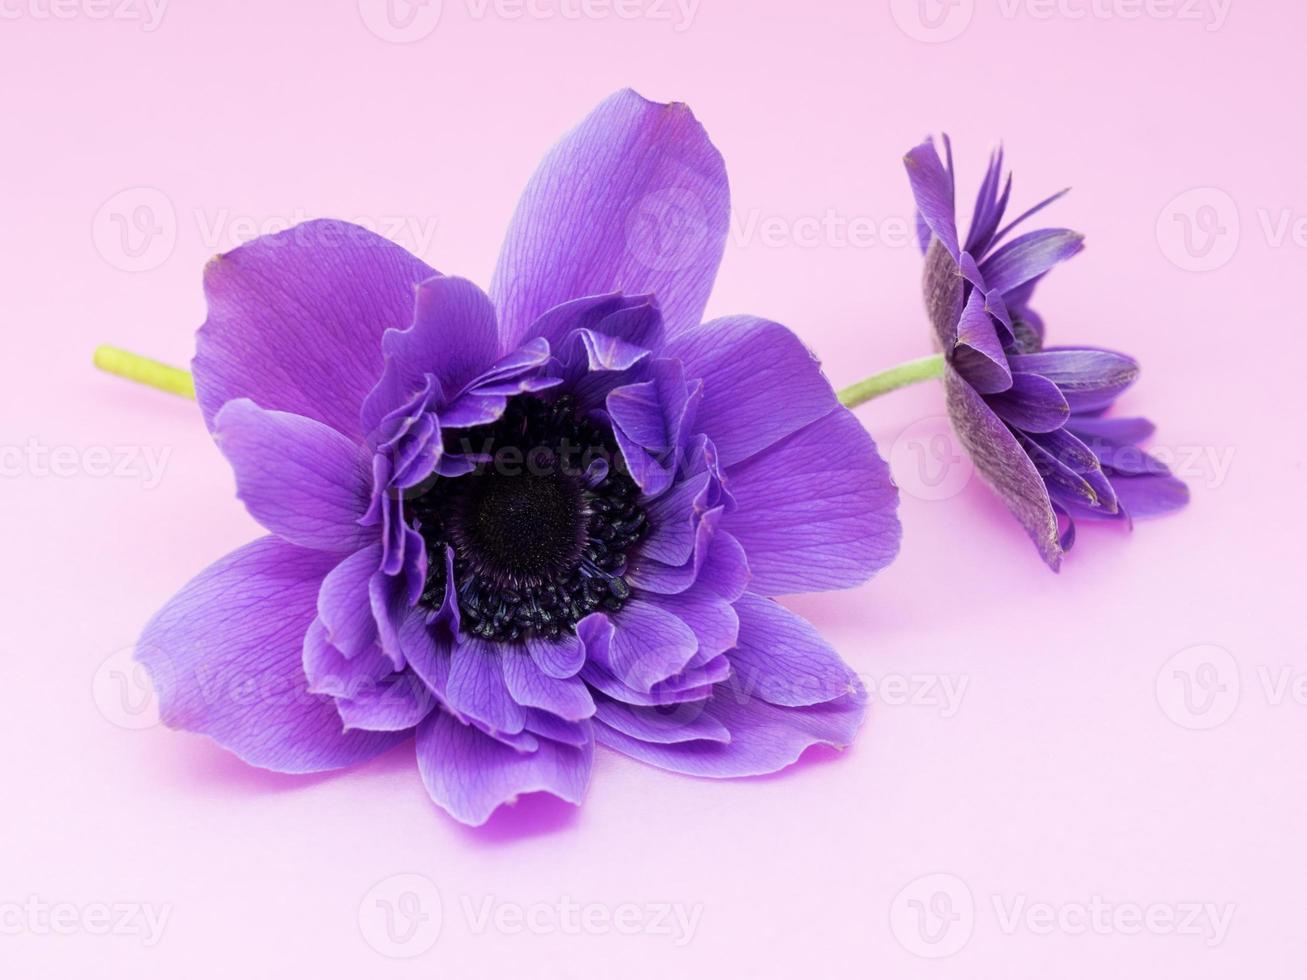 Beautiful purple anemone photo